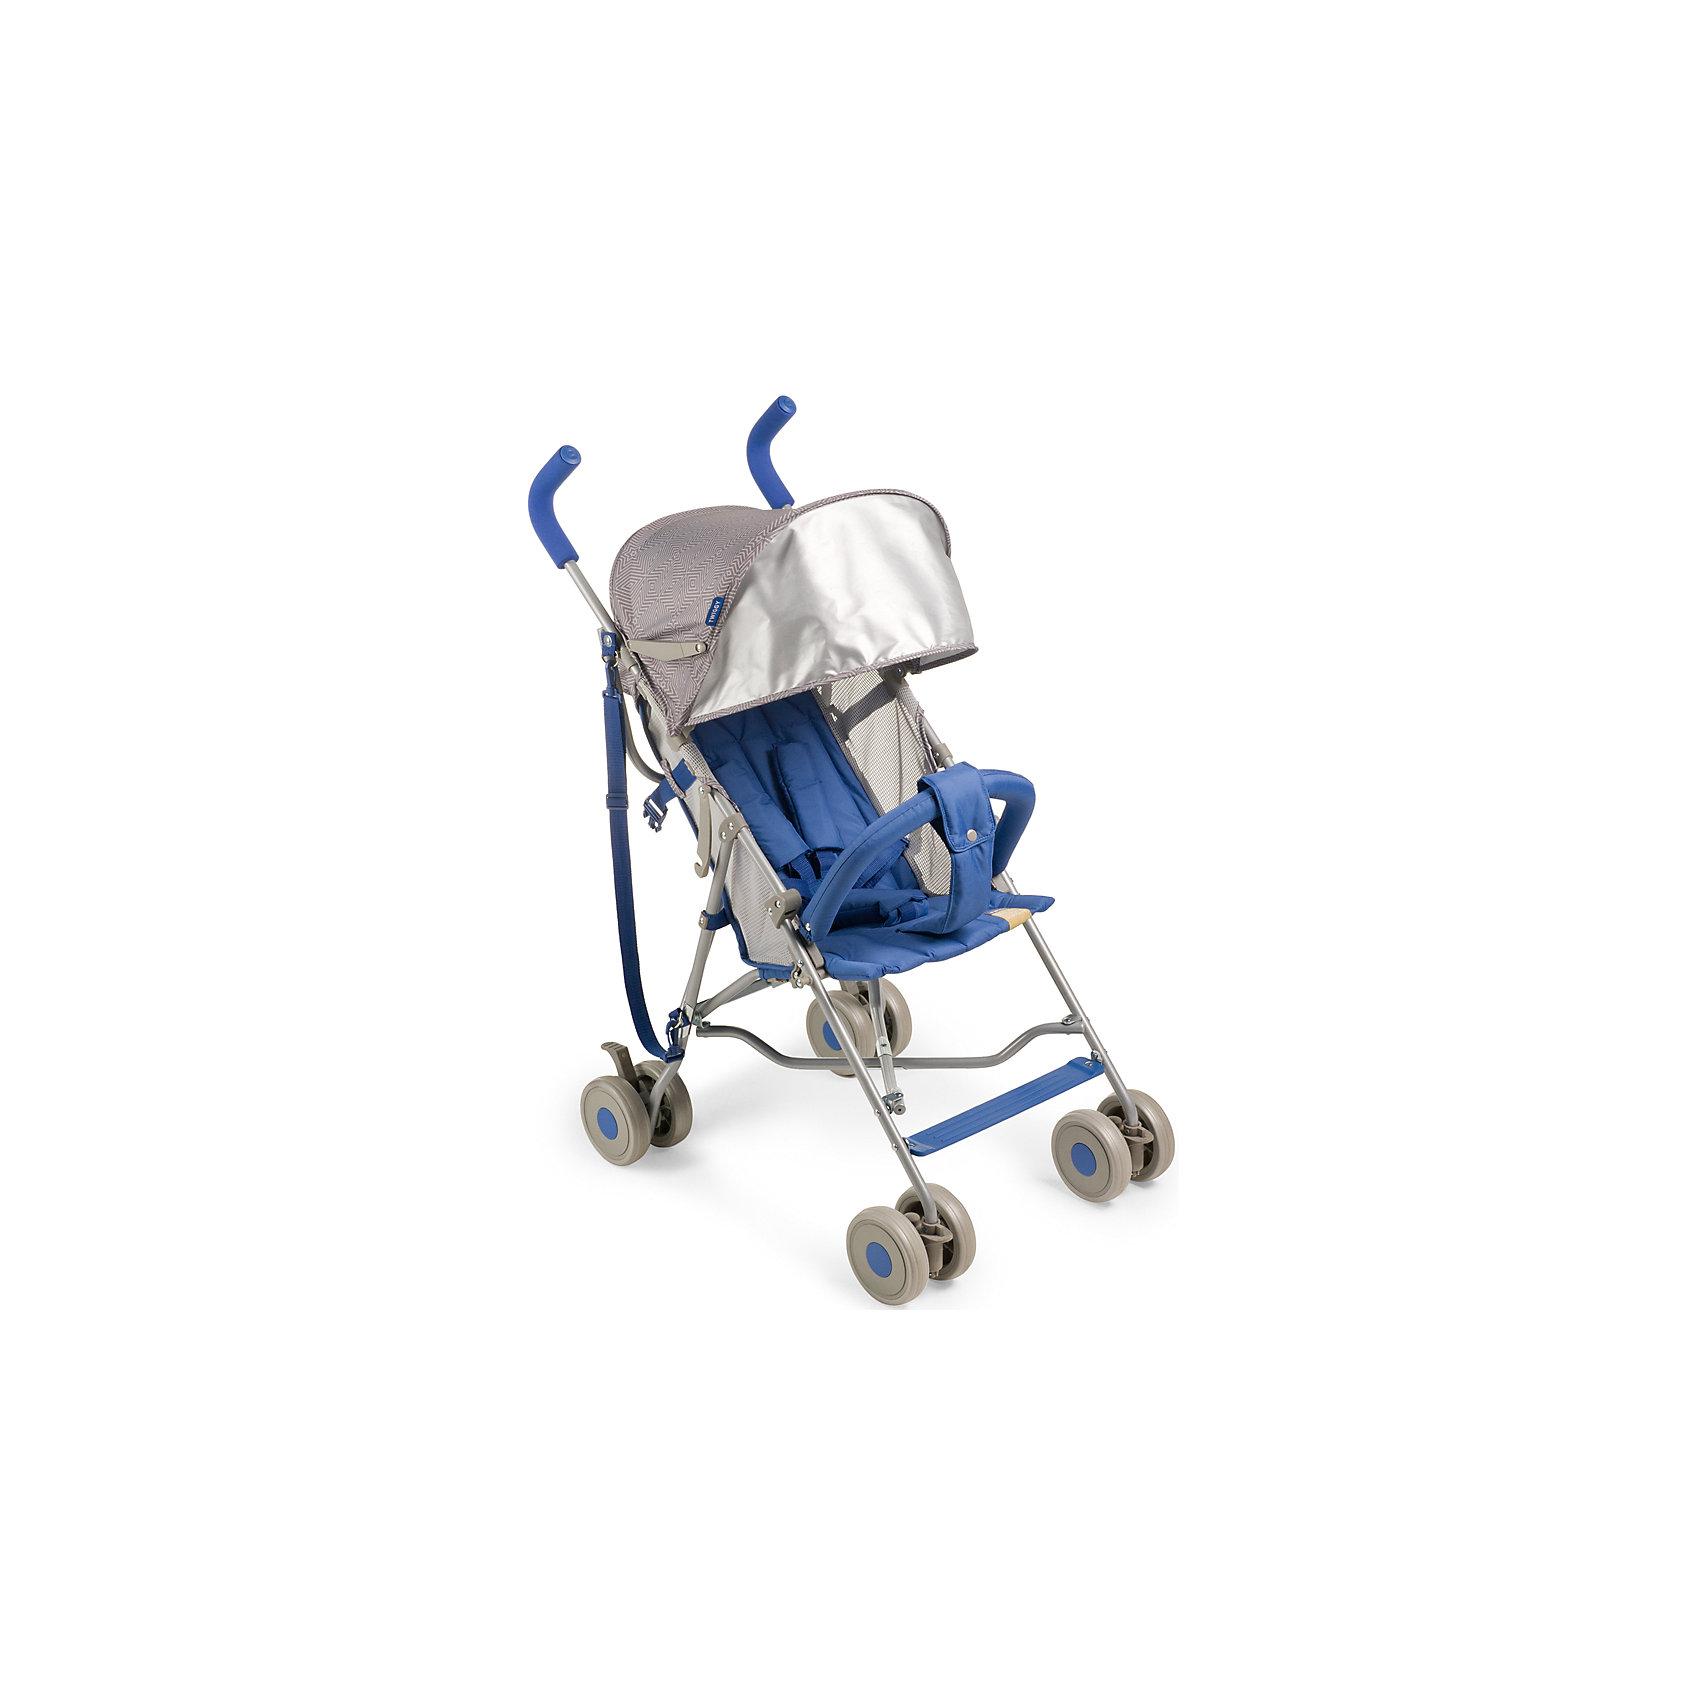 Коляска-трость Twiggy, Happy Baby, голубойКоляска TWIGGY создана специально для тех, кто ценит максимальный комфорт при минимальном весе. Отличный ход обеспечивают сдвоенные колеса, из которых передние поворотные на 360? с возможностью фиксации. Передние колеса с амортизацией, что дает дополнительный комфорт для ребенка. При весе всего 4,35 кг TWIGGY имеет пятиточечные ремни безопасности, мягкие нескользящие ручки, съемный бампер, большой капюшон с возможностью увеличения, ремень для переноски, подстаканник.<br><br>Дополнительная информация:<br><br>Максимальный вес ребенка: 15 кг<br>В разложенном виде ДхШхВ: 74х51х98 см<br>В сложенном виде ДхШхВ: 109х29х34 см<br>Вес коляски: 4,35 кг<br>Ширина сиденья: 30 см<br>Глубина сиденья: 26 см<br>Длина спального места: 69 см<br>Ширина колесной базы: 51 см<br>Диаметр колес: 13 см<br>Кол-во положений спинки: 2 положения<br>Регулировка ручки: отсутствует<br>Регулировка подножки: отсутствует<br>Передние поворотные колеса с возможностью фиксации<br>Тип складывания: трость<br>В комплекте:, ремень для переноски, подстаканник<br><br>Коляску-трость Twiggy, Happy Baby, голубую можно купить в нашем магазине.<br><br>Ширина мм: 305<br>Глубина мм: 190<br>Высота мм: 1130<br>Вес г: 6800<br>Цвет: голубой<br>Возраст от месяцев: 7<br>Возраст до месяцев: 36<br>Пол: Унисекс<br>Возраст: Детский<br>SKU: 4655665